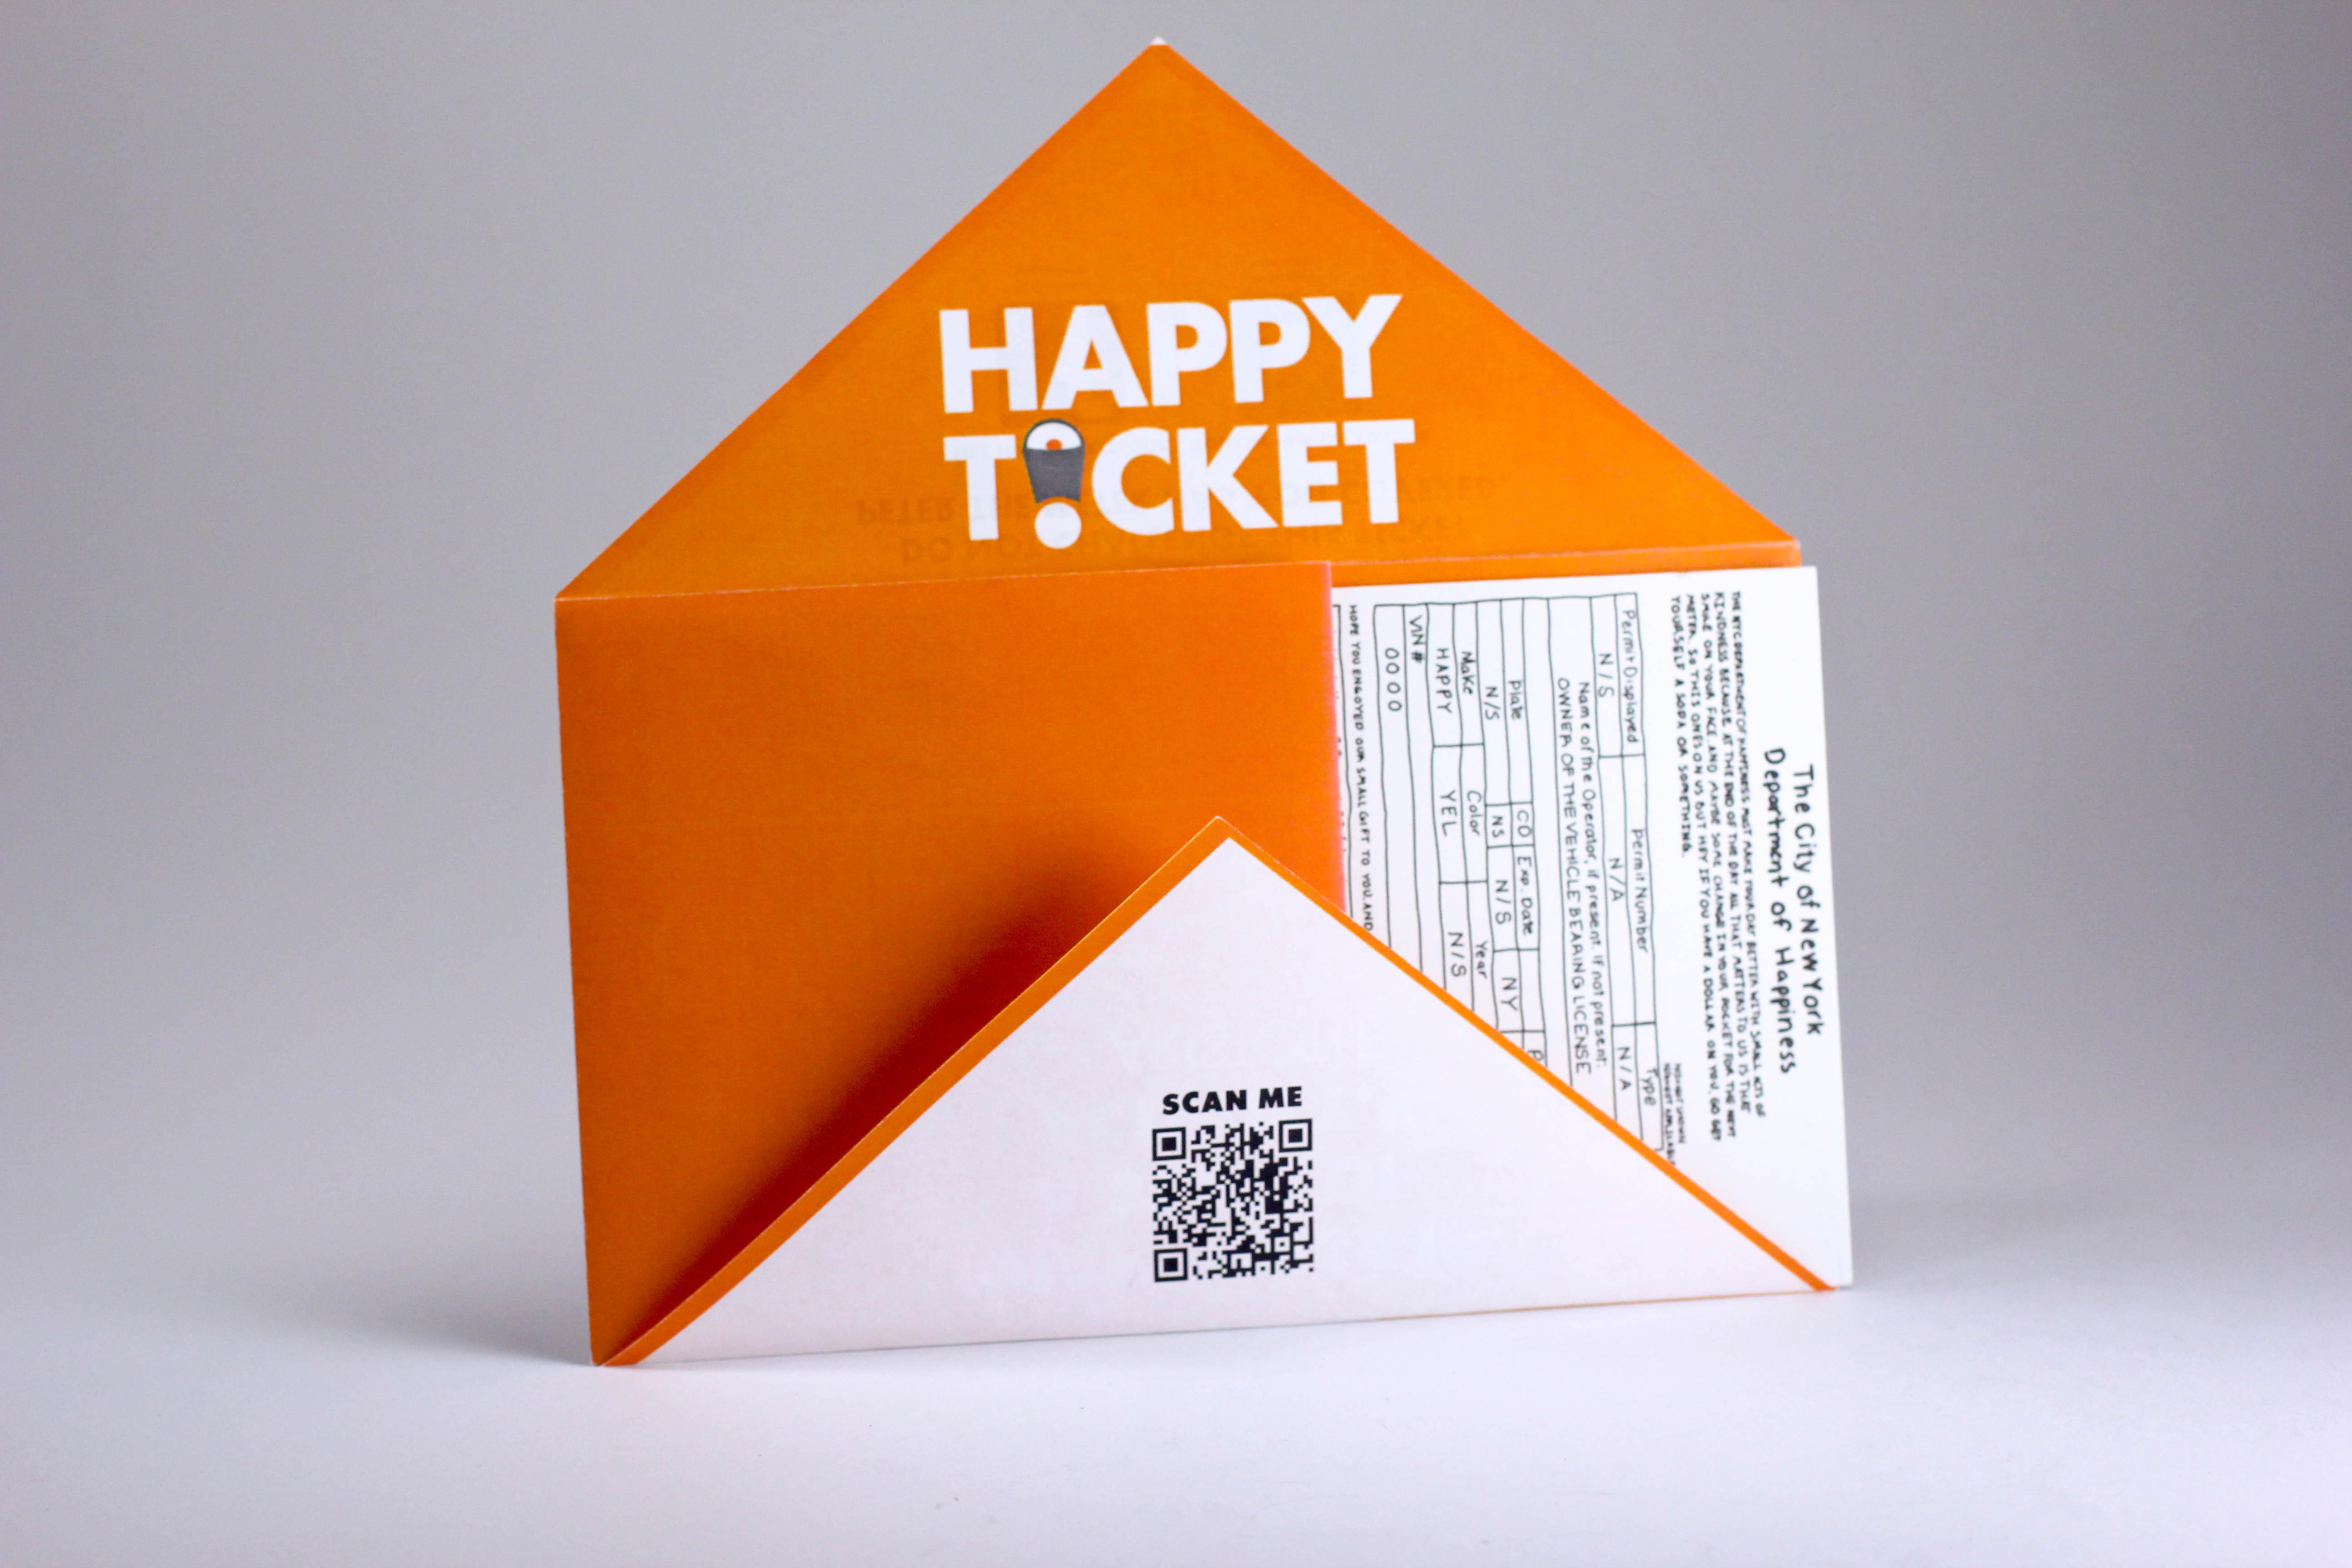 Happy T!cket NYC